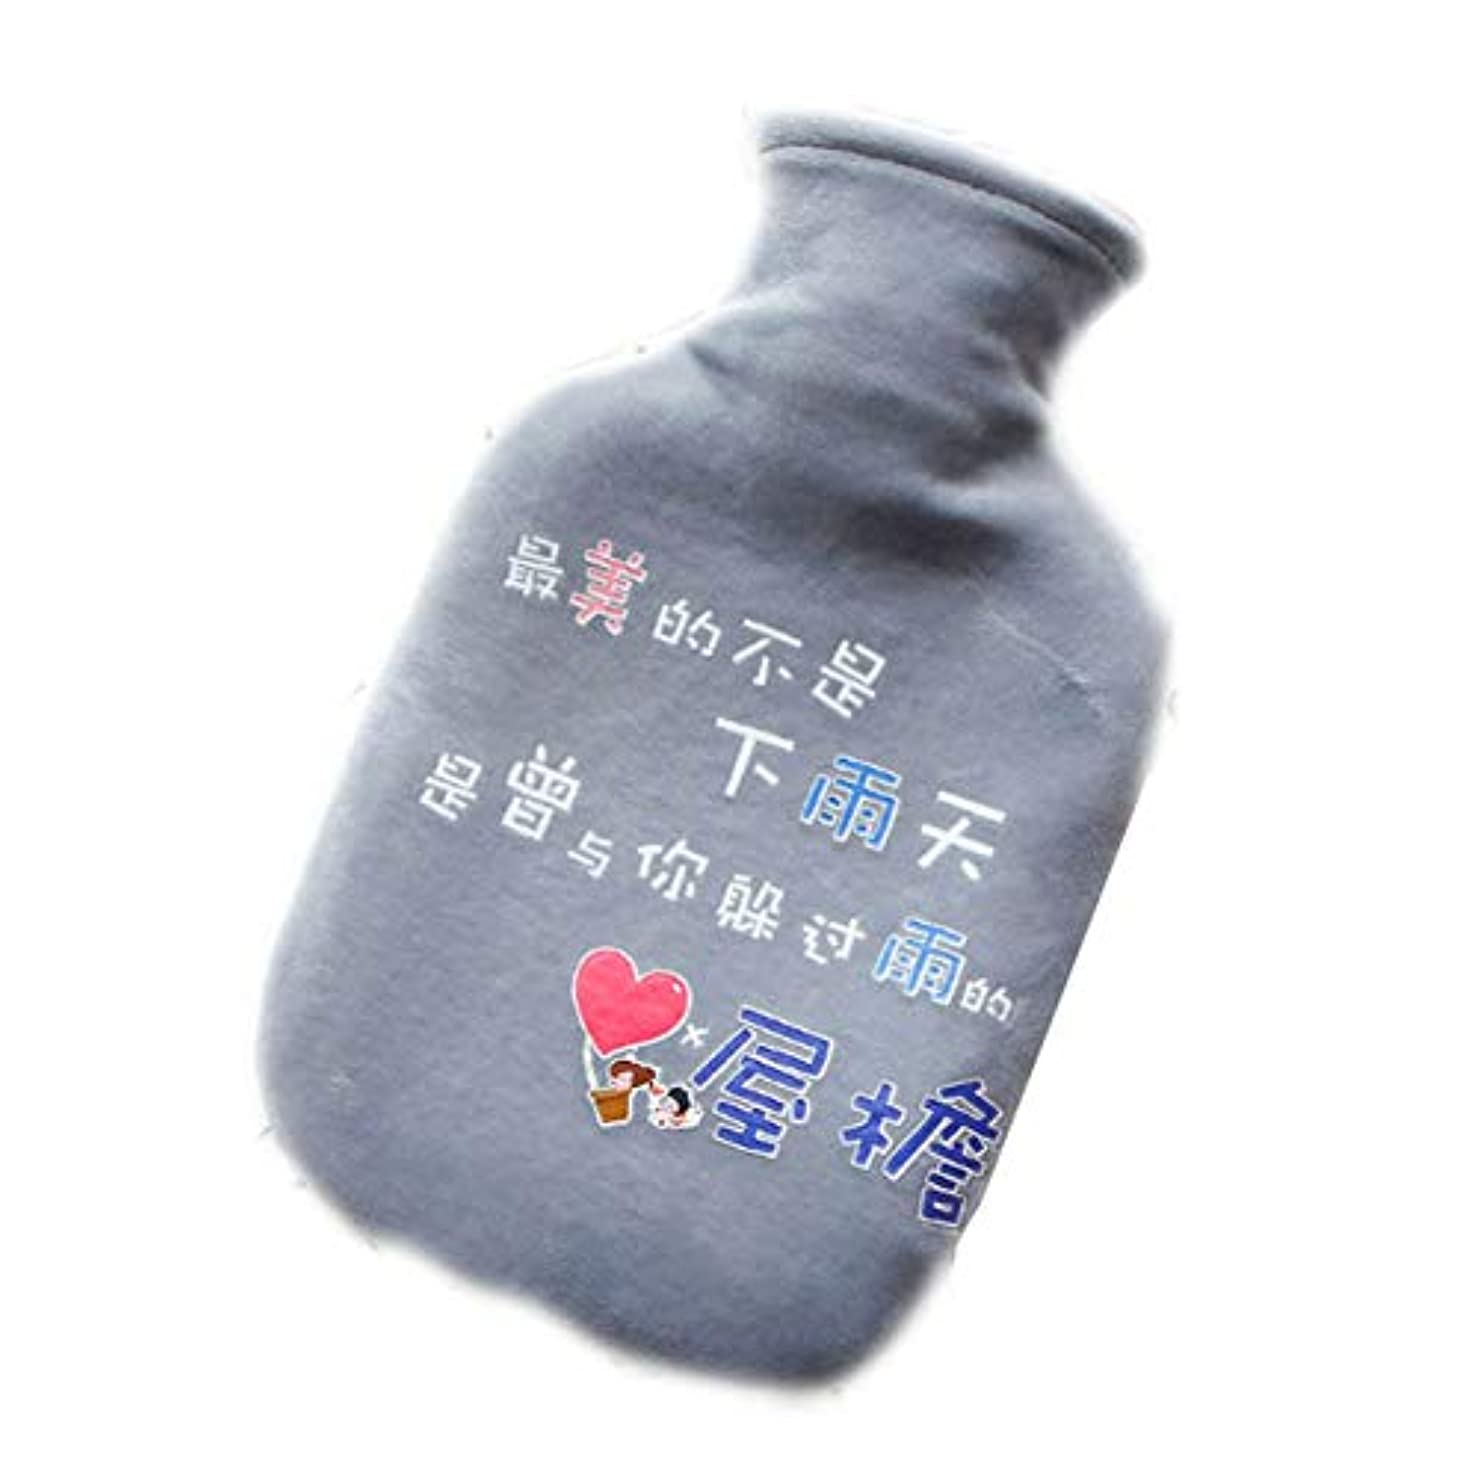 土曜日信仰評価可能かわいい湯たんぽミニハンドウォーマー750ミリリットルの学生女性の温水バッグ